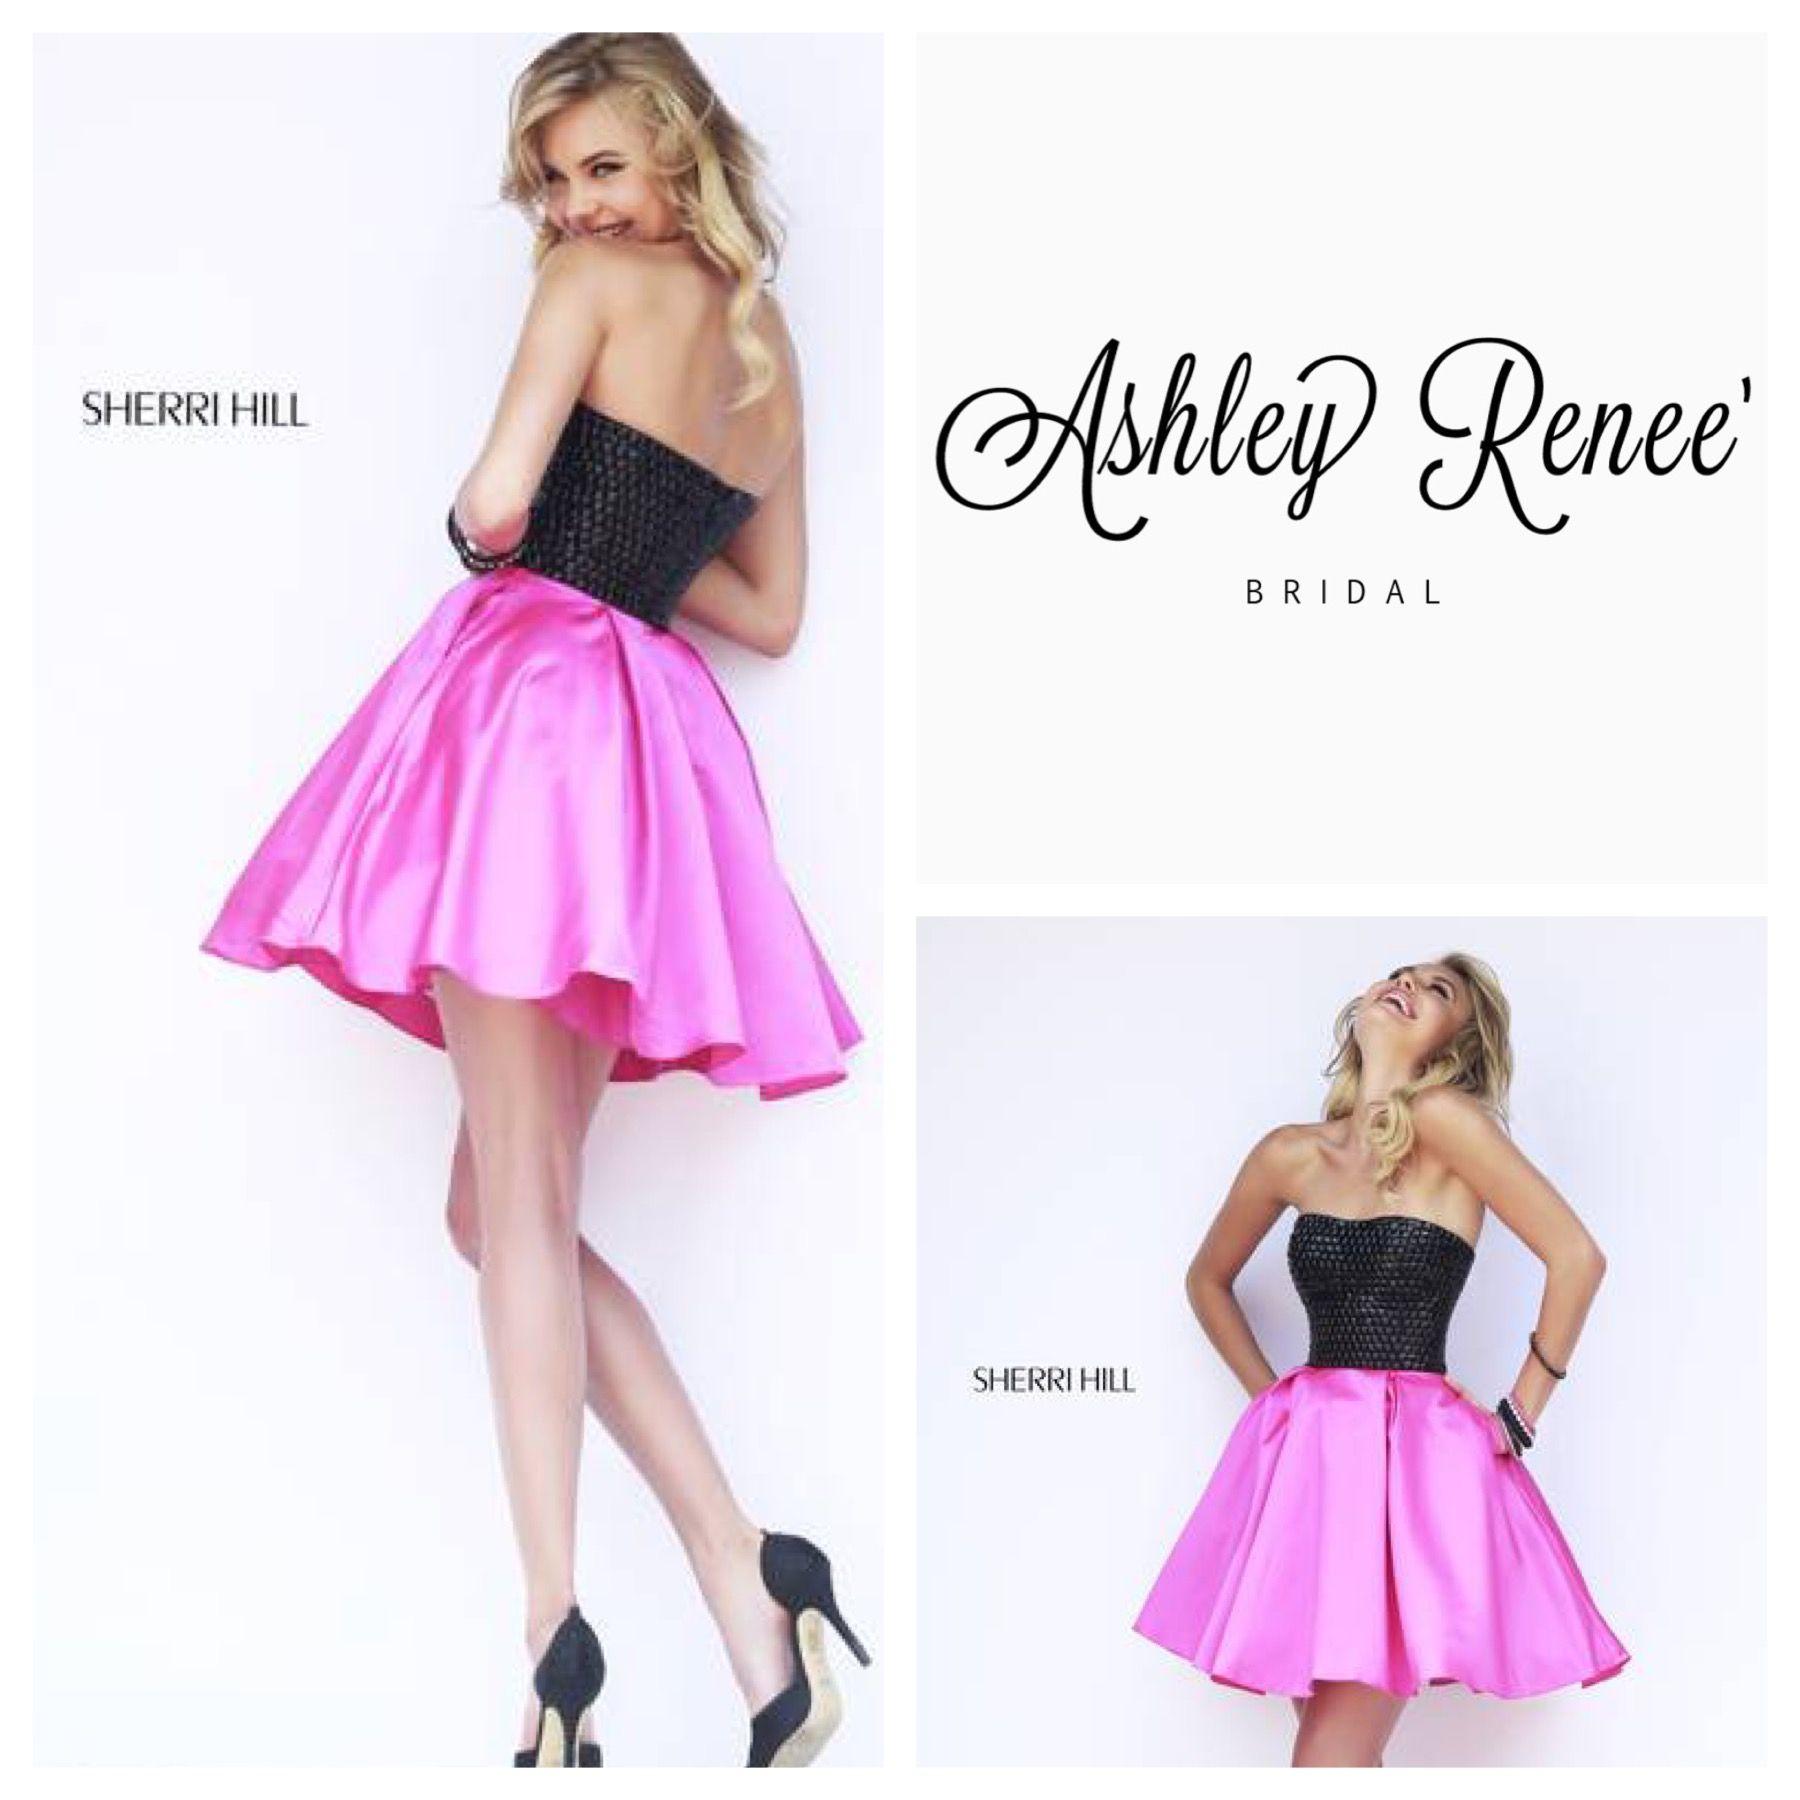 Ashleyreneebridal Homecoming Jvn Dresses Designer Wedding Gowns Wedding Dresses [ 1800 x 1800 Pixel ]